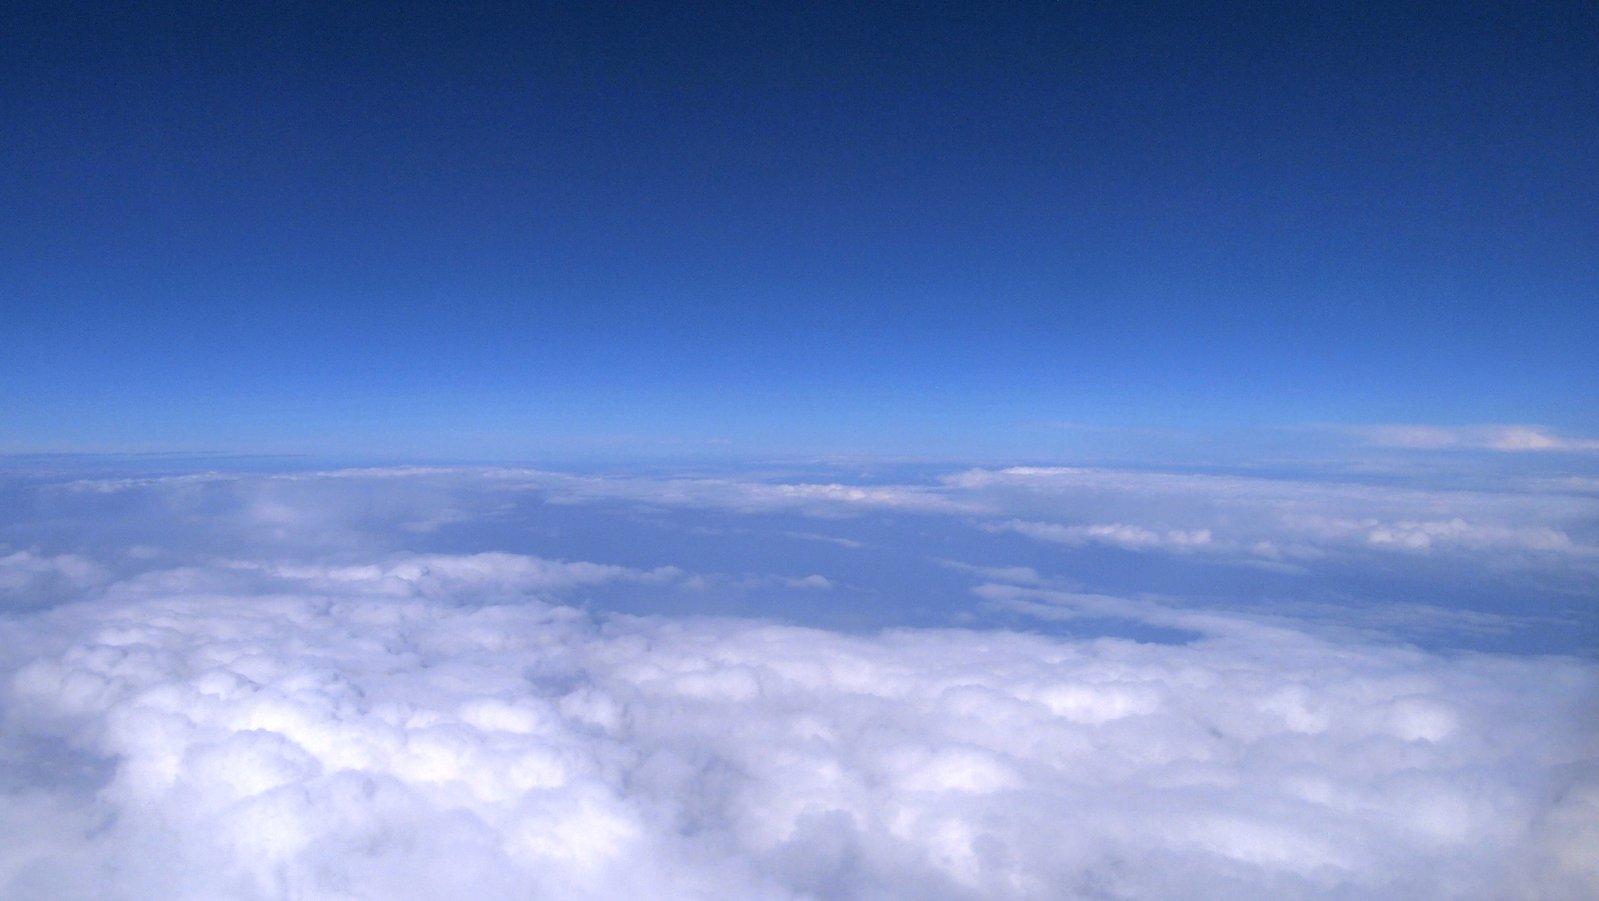 Free sky view Stock Photo - FreeImages.com